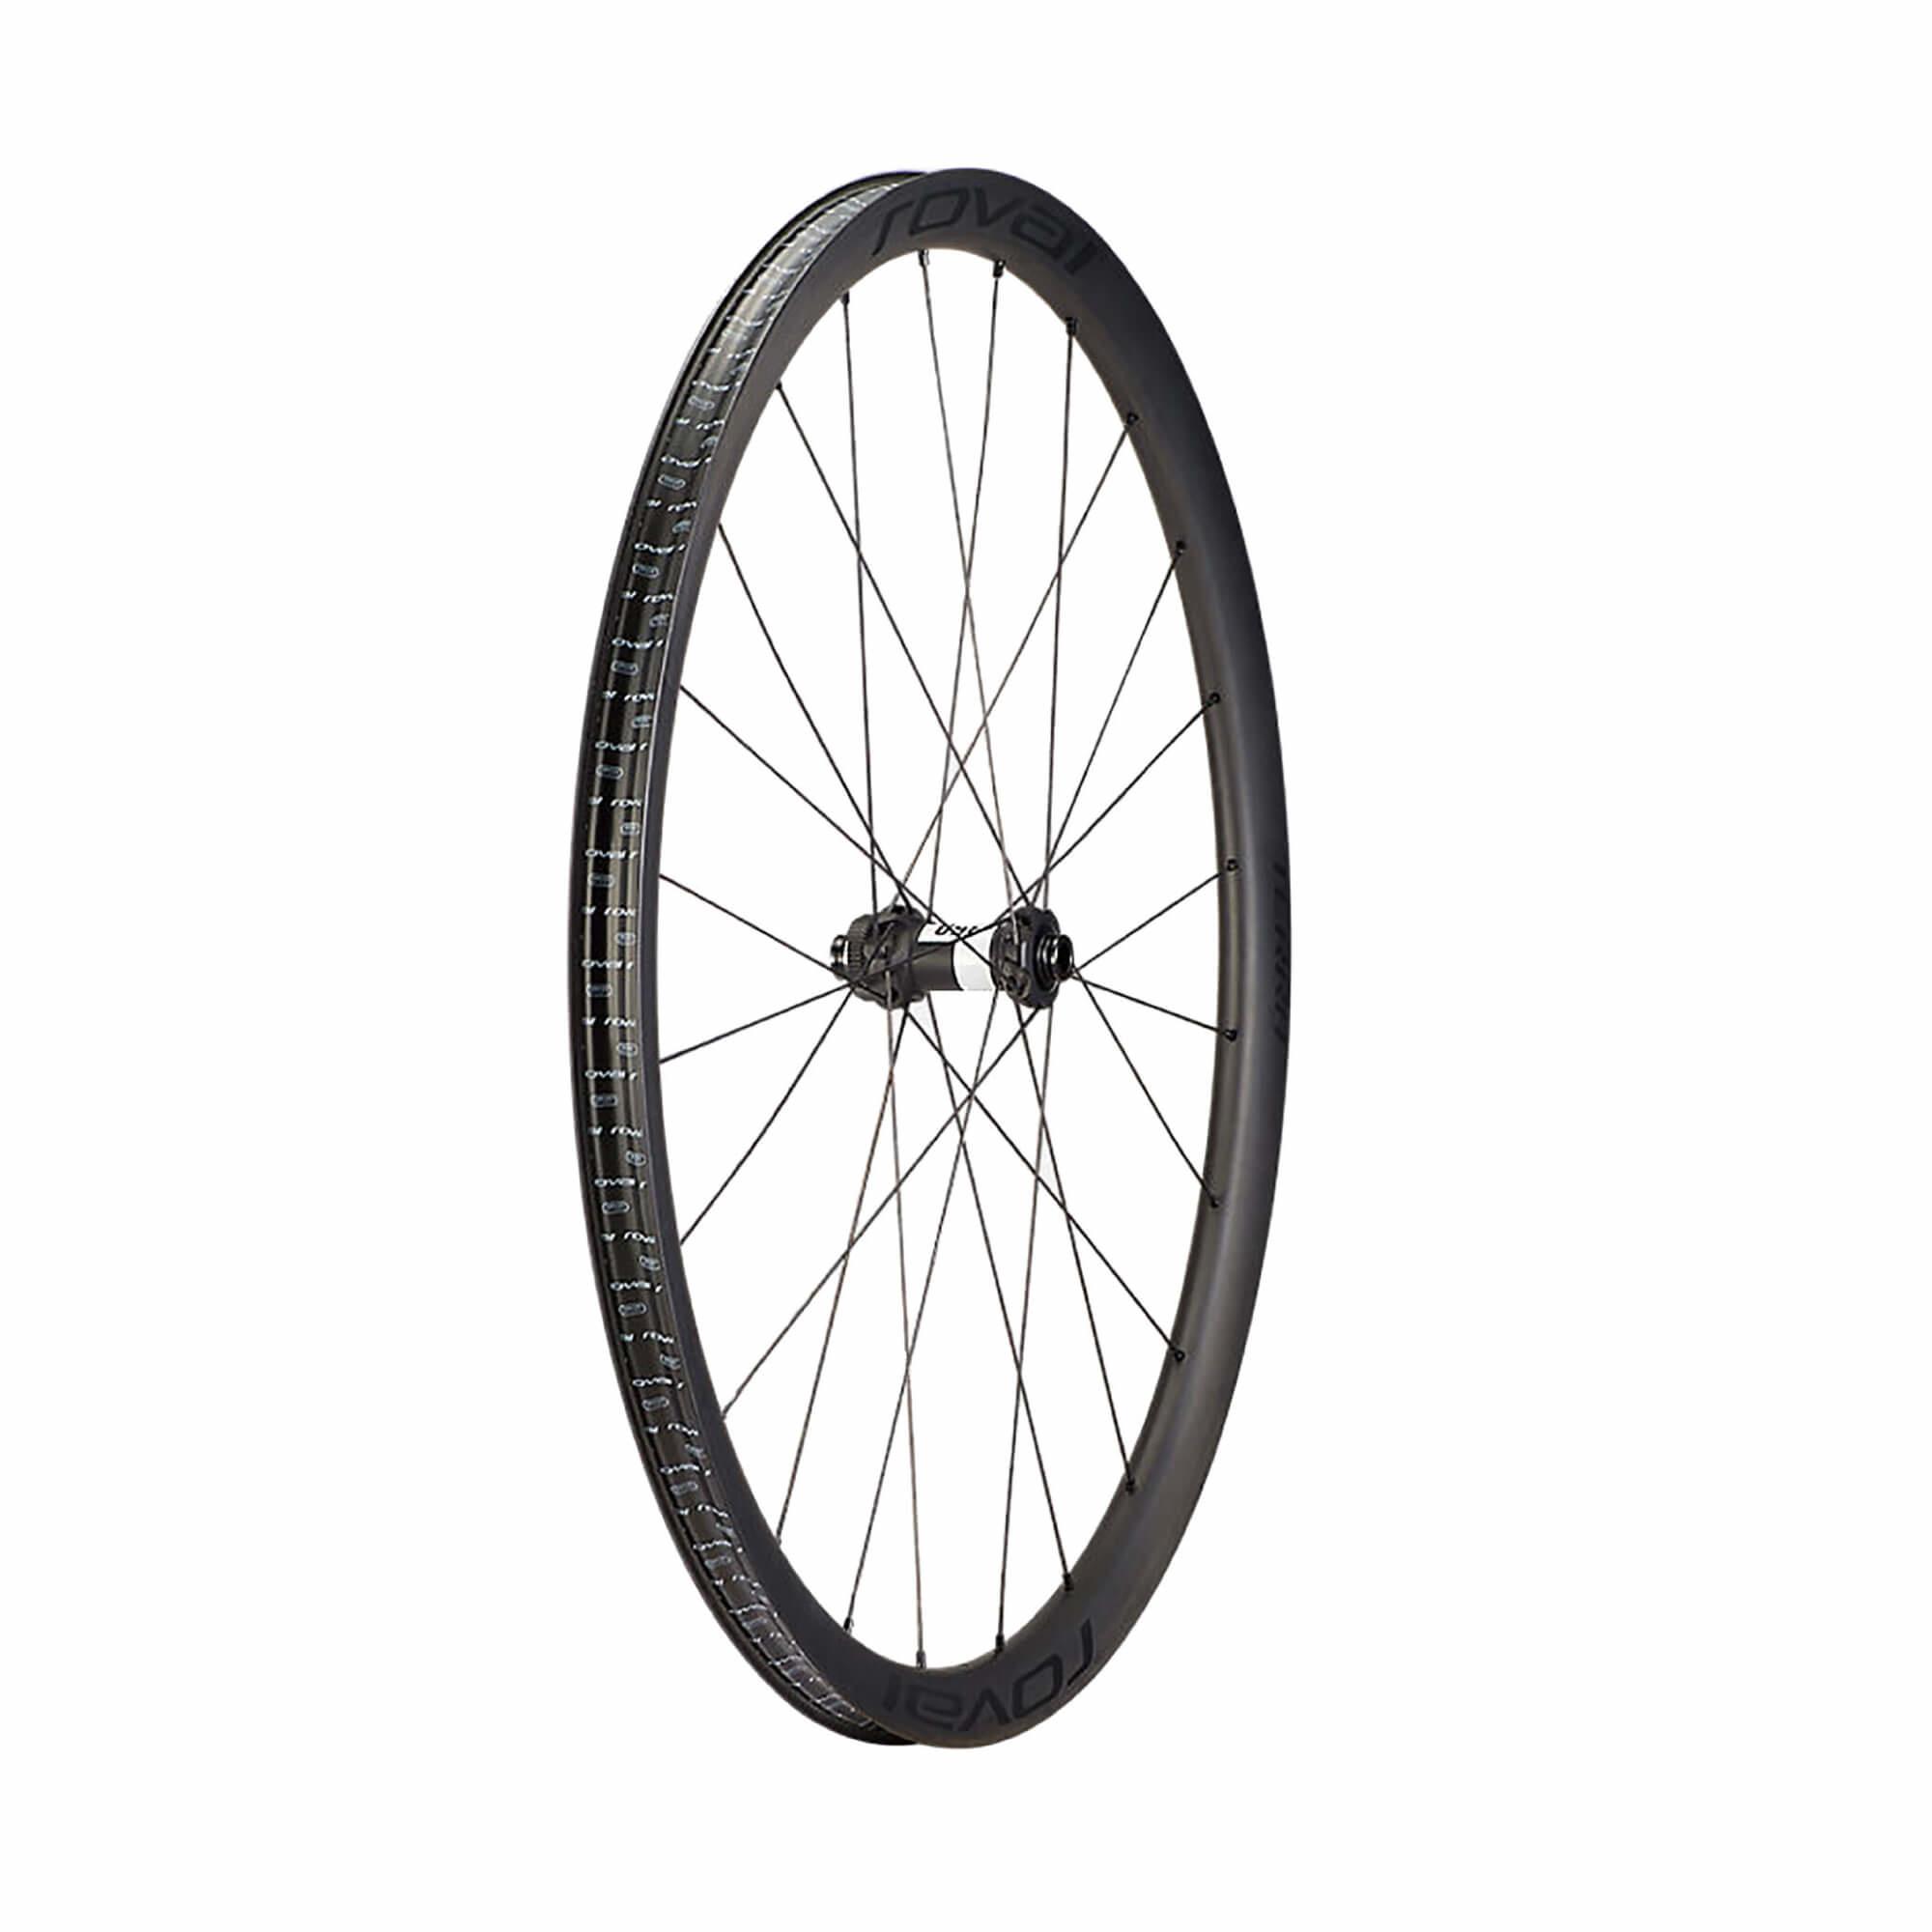 Roval CL Terra Wheelset DT 350 J bend spoke-2